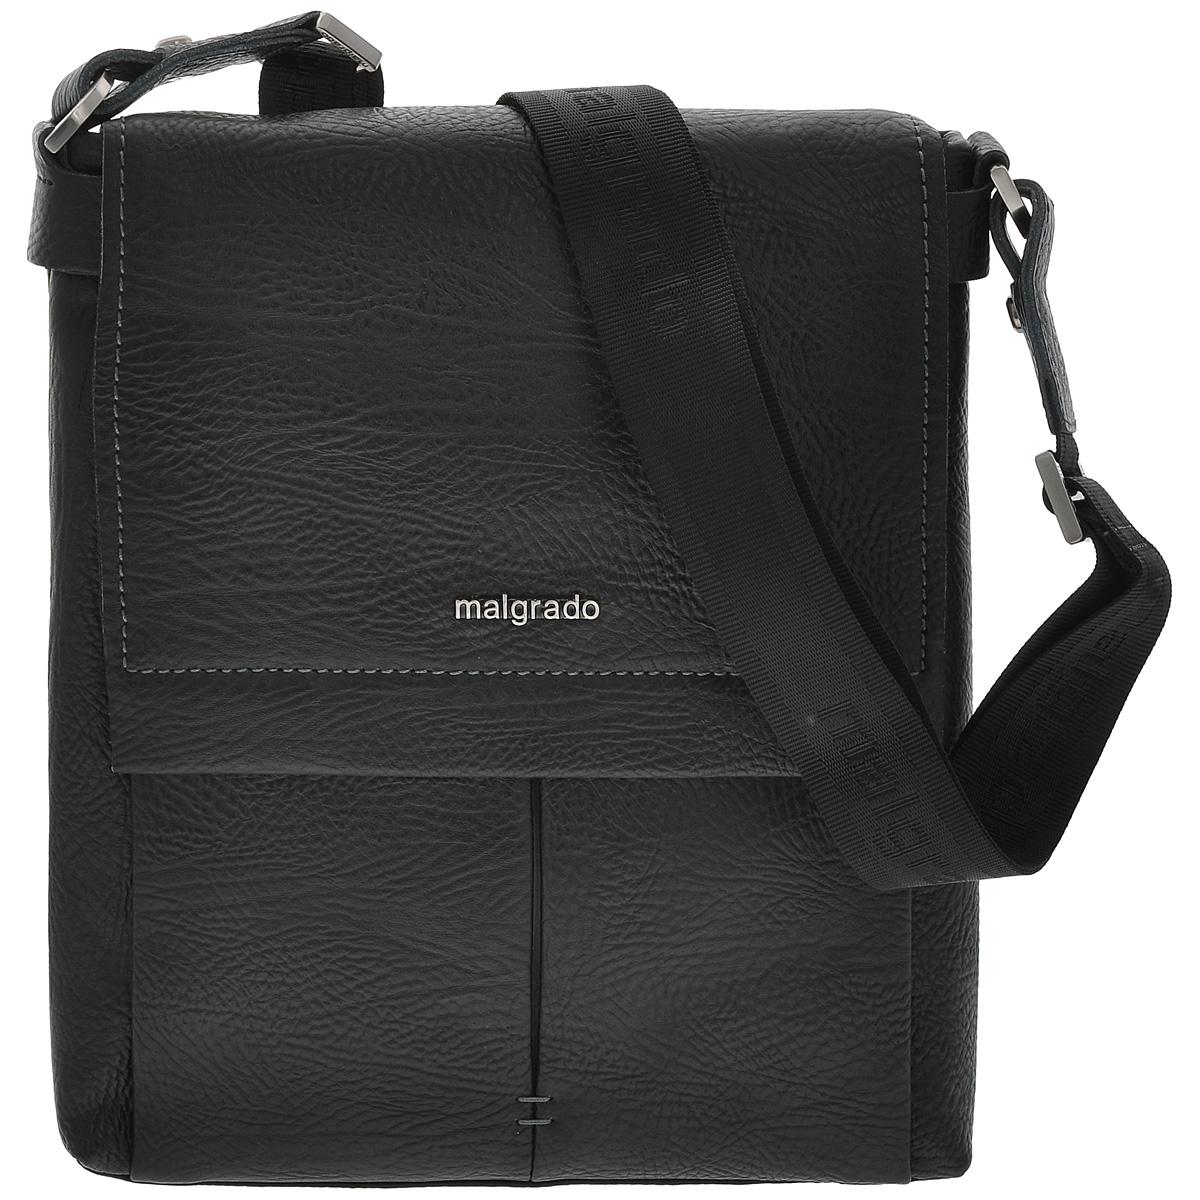 Сумка мужская Malgrado, цвет: черный. BR09-201C1782 black23008Мужская сумка Malgrado выполнена из натуральной кожи черного цвета. Сумка состоит из одного отделения, закрывающегося на застежку-молнию и сверху широким клапаном на магниты. Внутри отделения расположен вшитый карман на молнии, три наборных кармашка для кредитных карт, накладной карман для мобильного телефона и два фиксатора для пишущих принадлежностей. Под клапаном расположен открытый карман для бумаг. Сумка оснащена актуальной ручкой-лентой регулируемой длины. Сегодня мужская сумка - необходимый аксессуар для современного мужчины. Характеристики:Материал: натуральная кожа, металл, текстиль. Цвет: черный. Размер сумки: 27 см х 30 см х 7 см.Высота ручки (регулируется): 45 см. Артикул: BR09-201C1782.